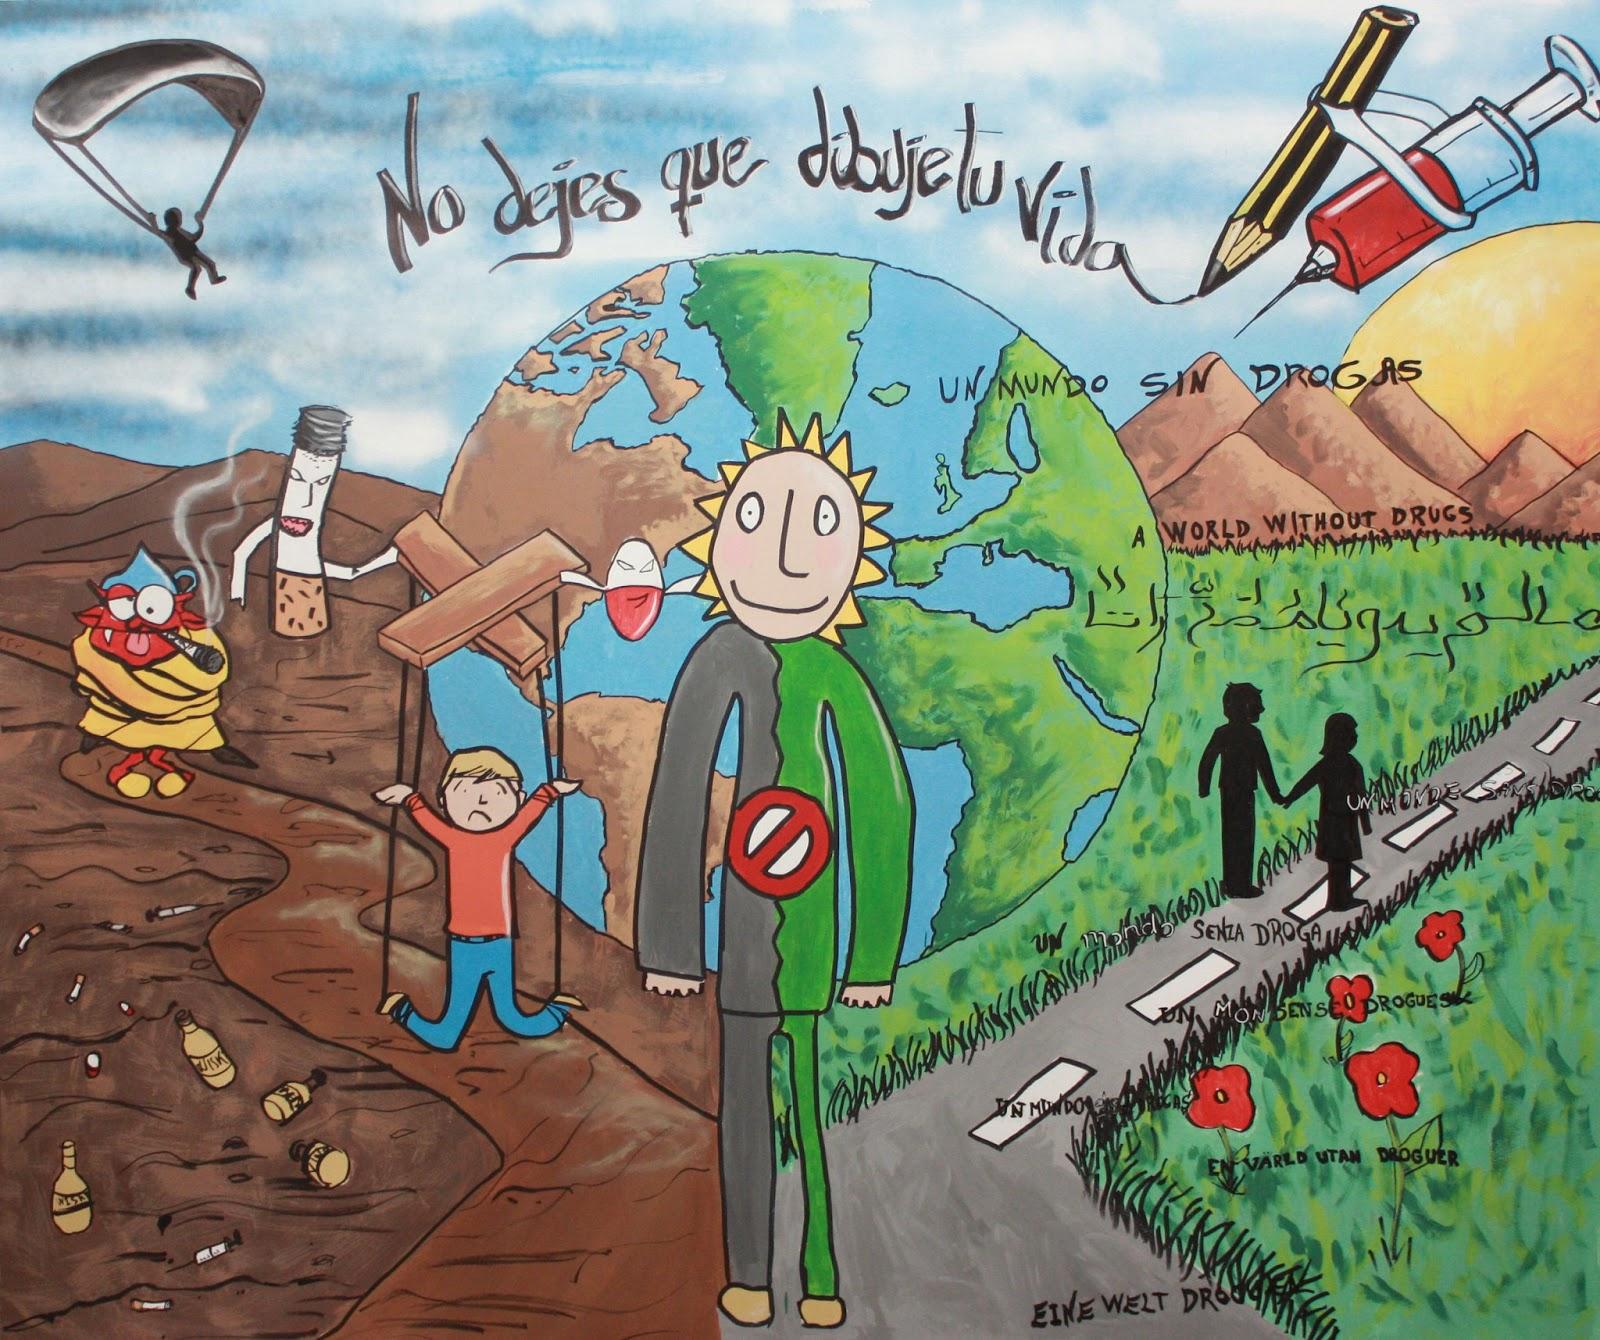 Ies las fuentes aula pt murales imagina sin drogas - Murales con fotos ...